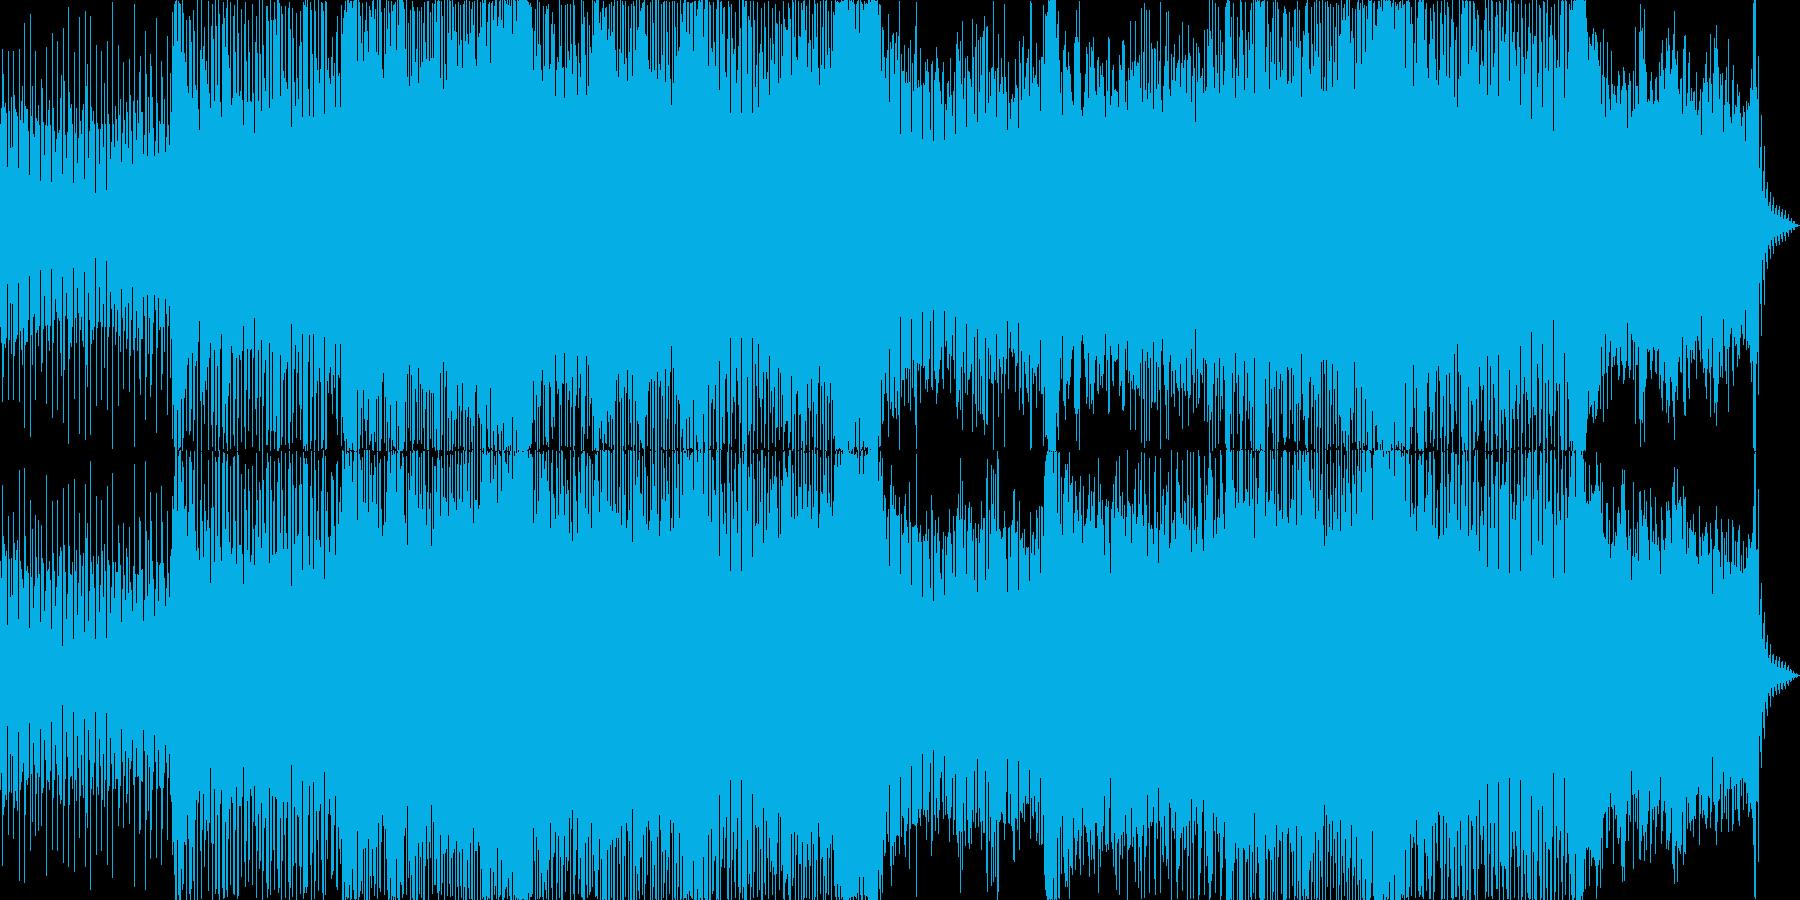 宇宙空間な雰囲気を出したドラムンベースの再生済みの波形